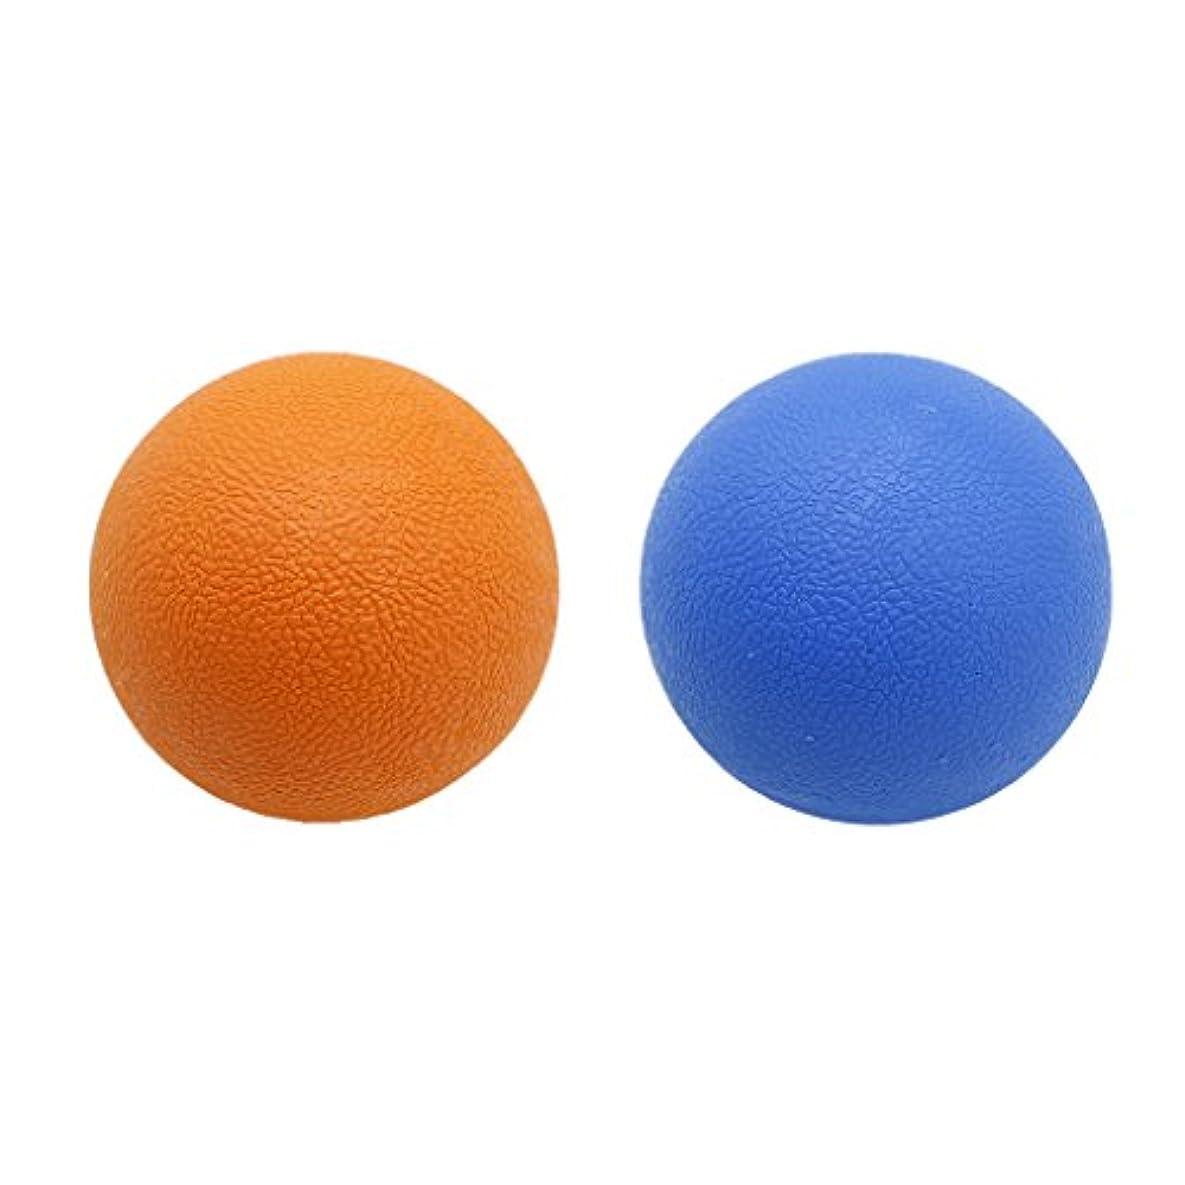 責任者政策アーサーコナンドイルPerfk 2個 マッサージボール ストレッチボール トリガーポイント トレーニング マッサージ リラックス 便利 多色選べる - オレンジブルー